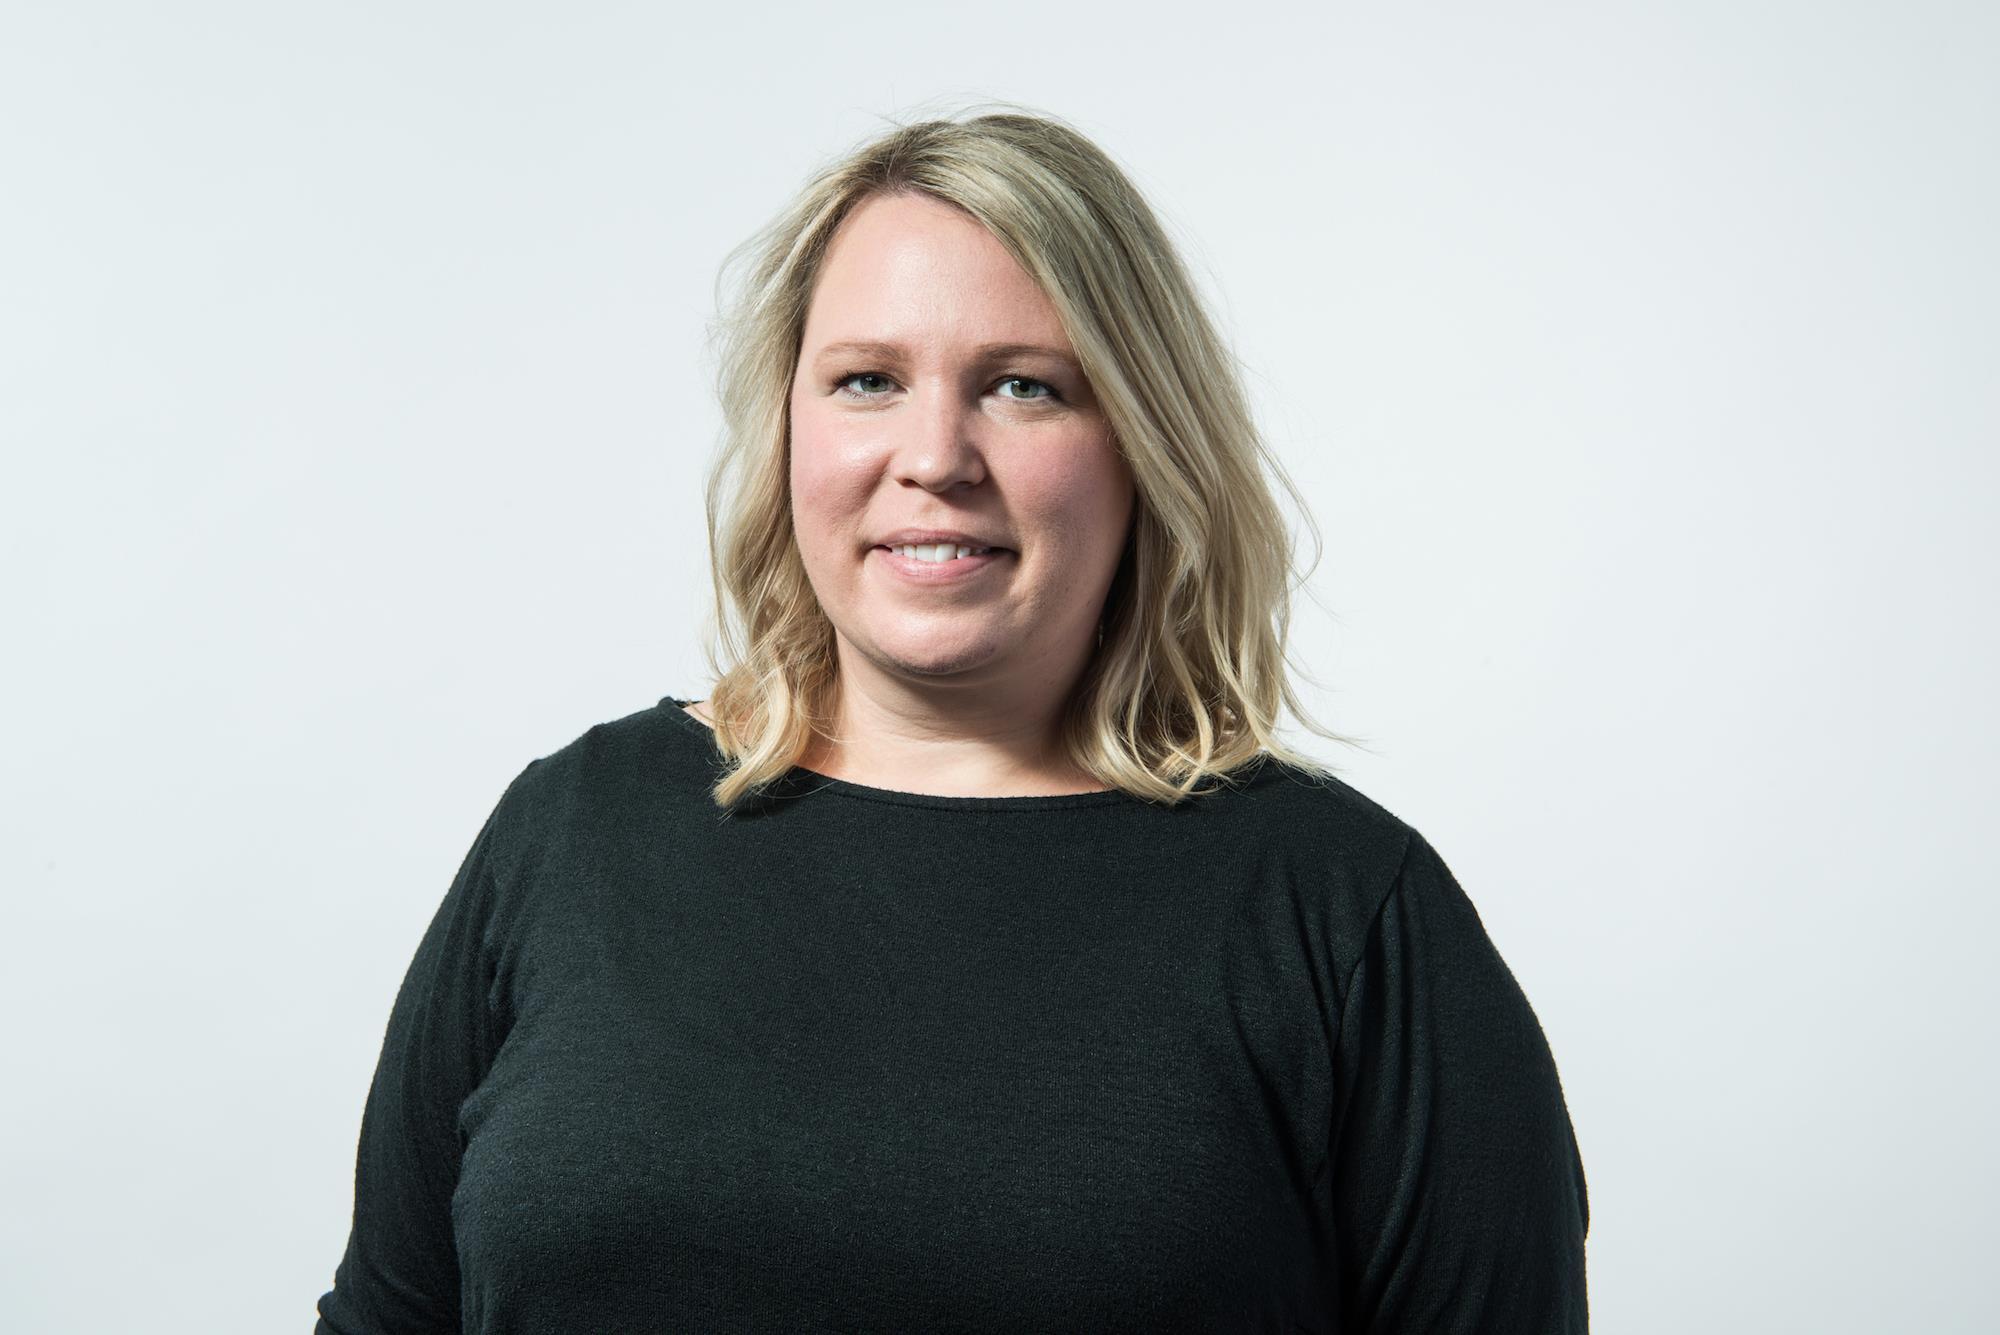 Alison Dunning